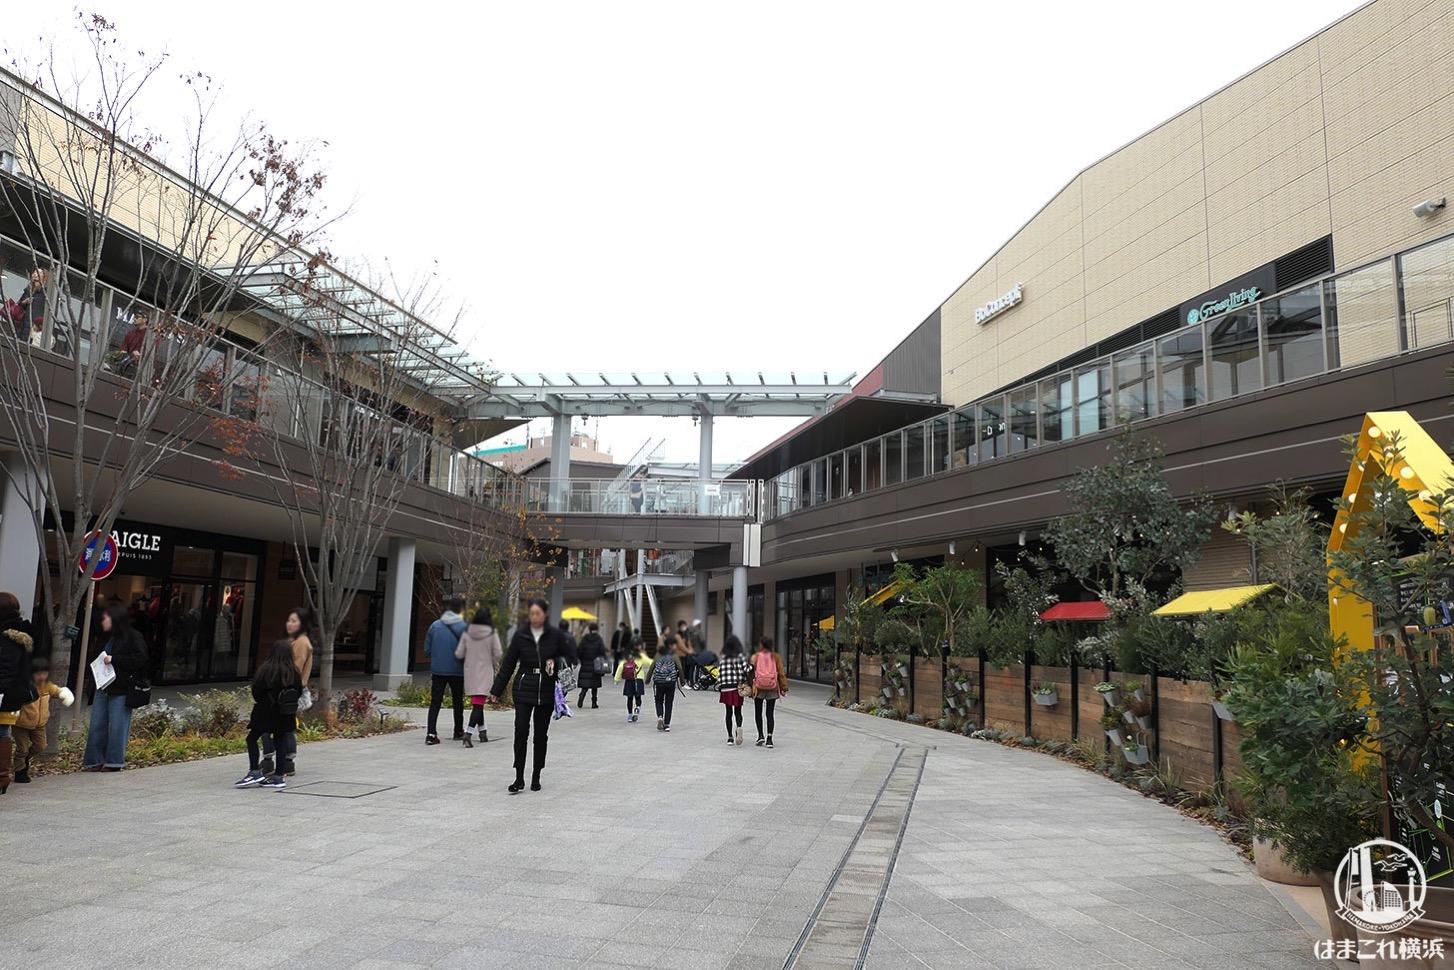 南町田グランベリーパーク初訪問!成城石井やパンパティ、施設広くて1日過ごせた